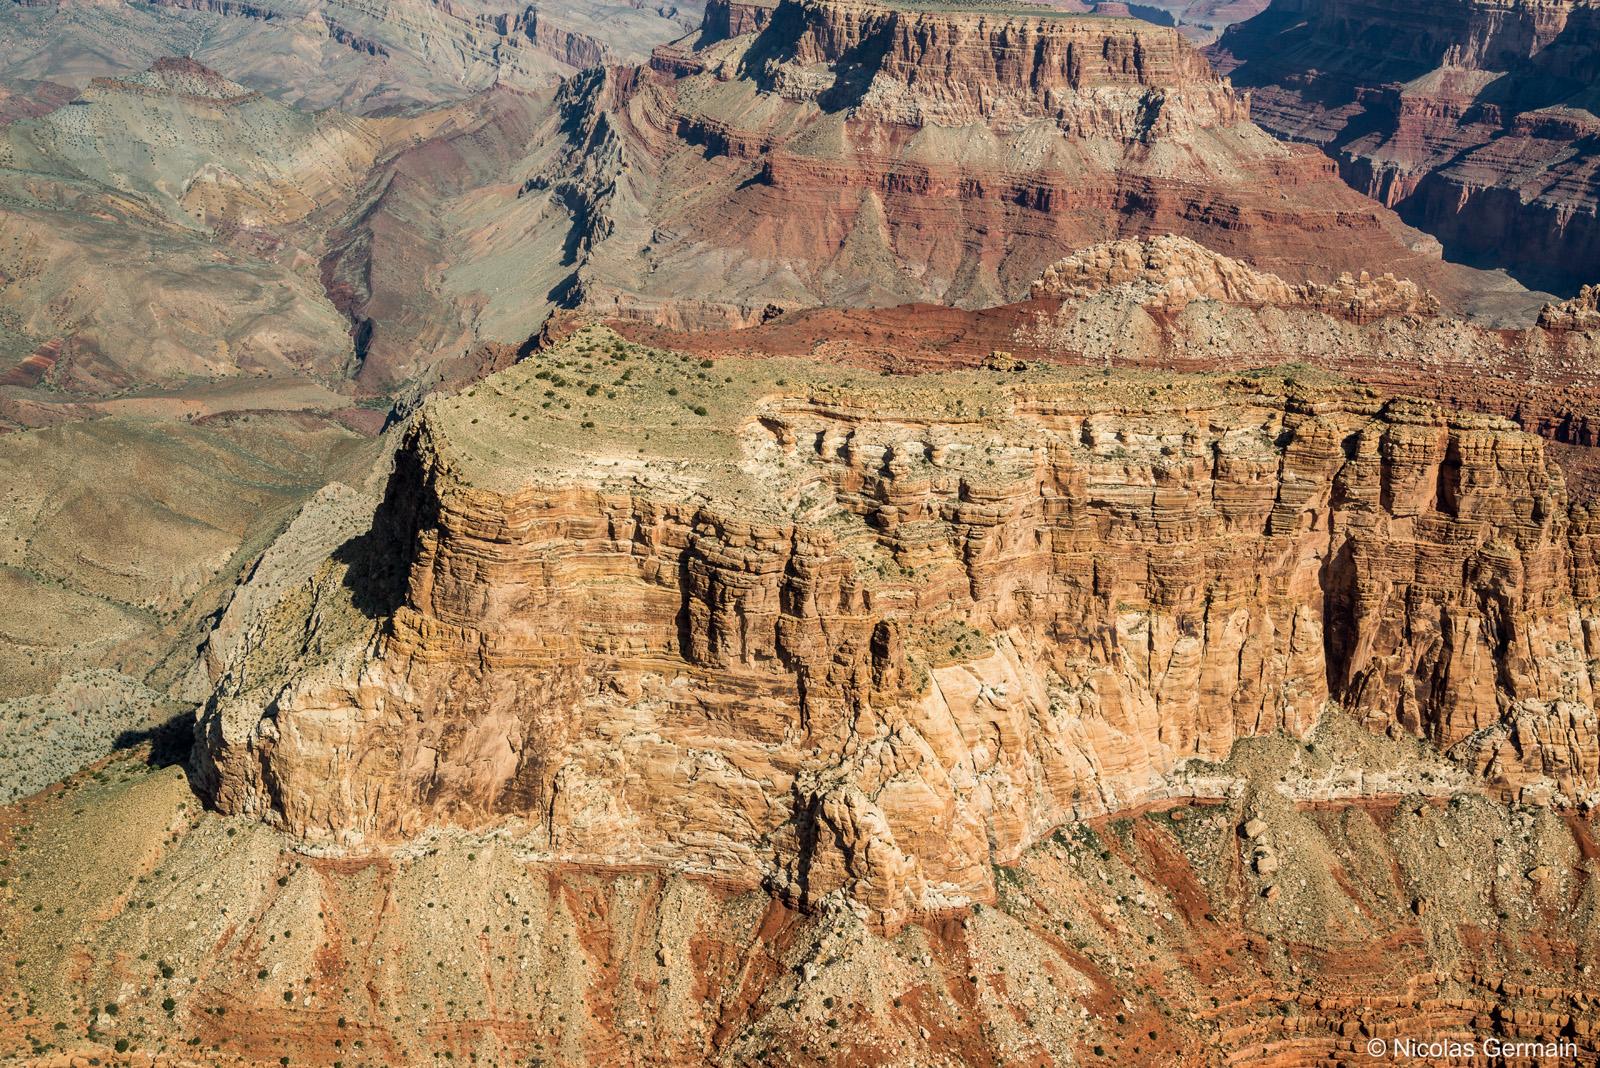 Vue aérienne des falaises abruptes du Grand Canyon